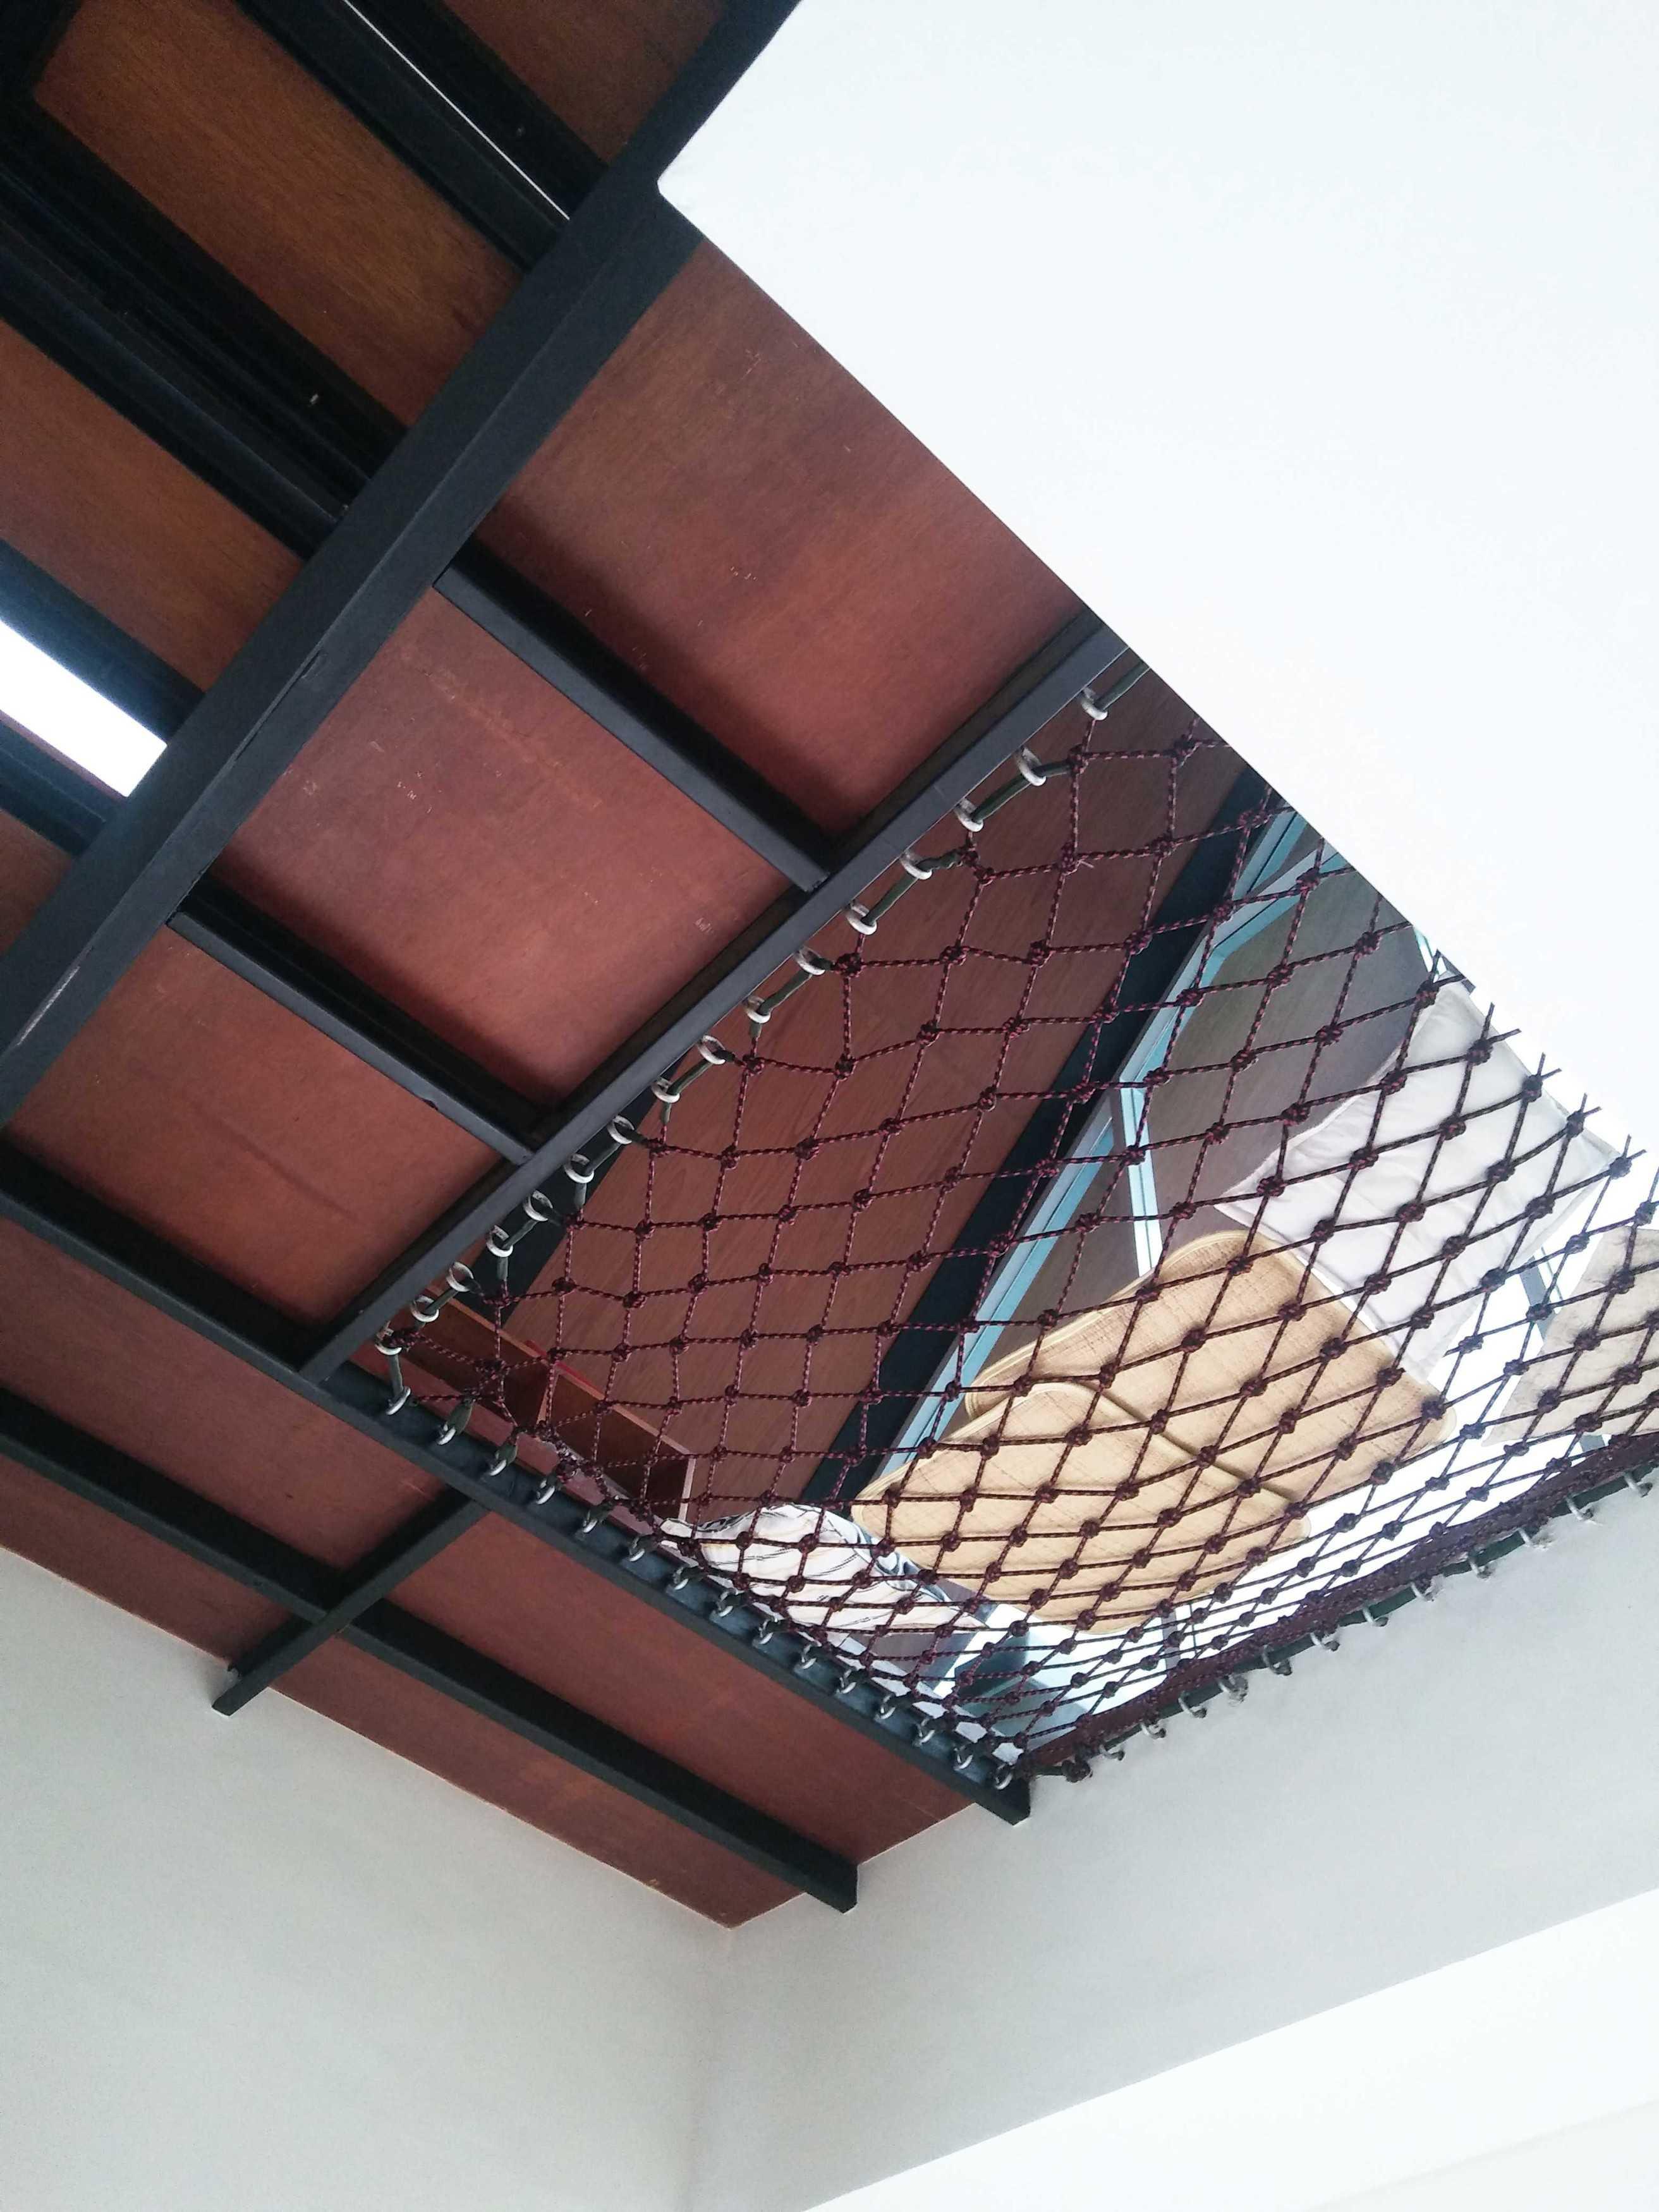 Atelier Ara Rumah Gerlong Bandung, Kota Bandung, Jawa Barat, Indonesia Bandung, Kota Bandung, Jawa Barat, Indonesia Atelier-Ara-Rumah-Gerlong   74329